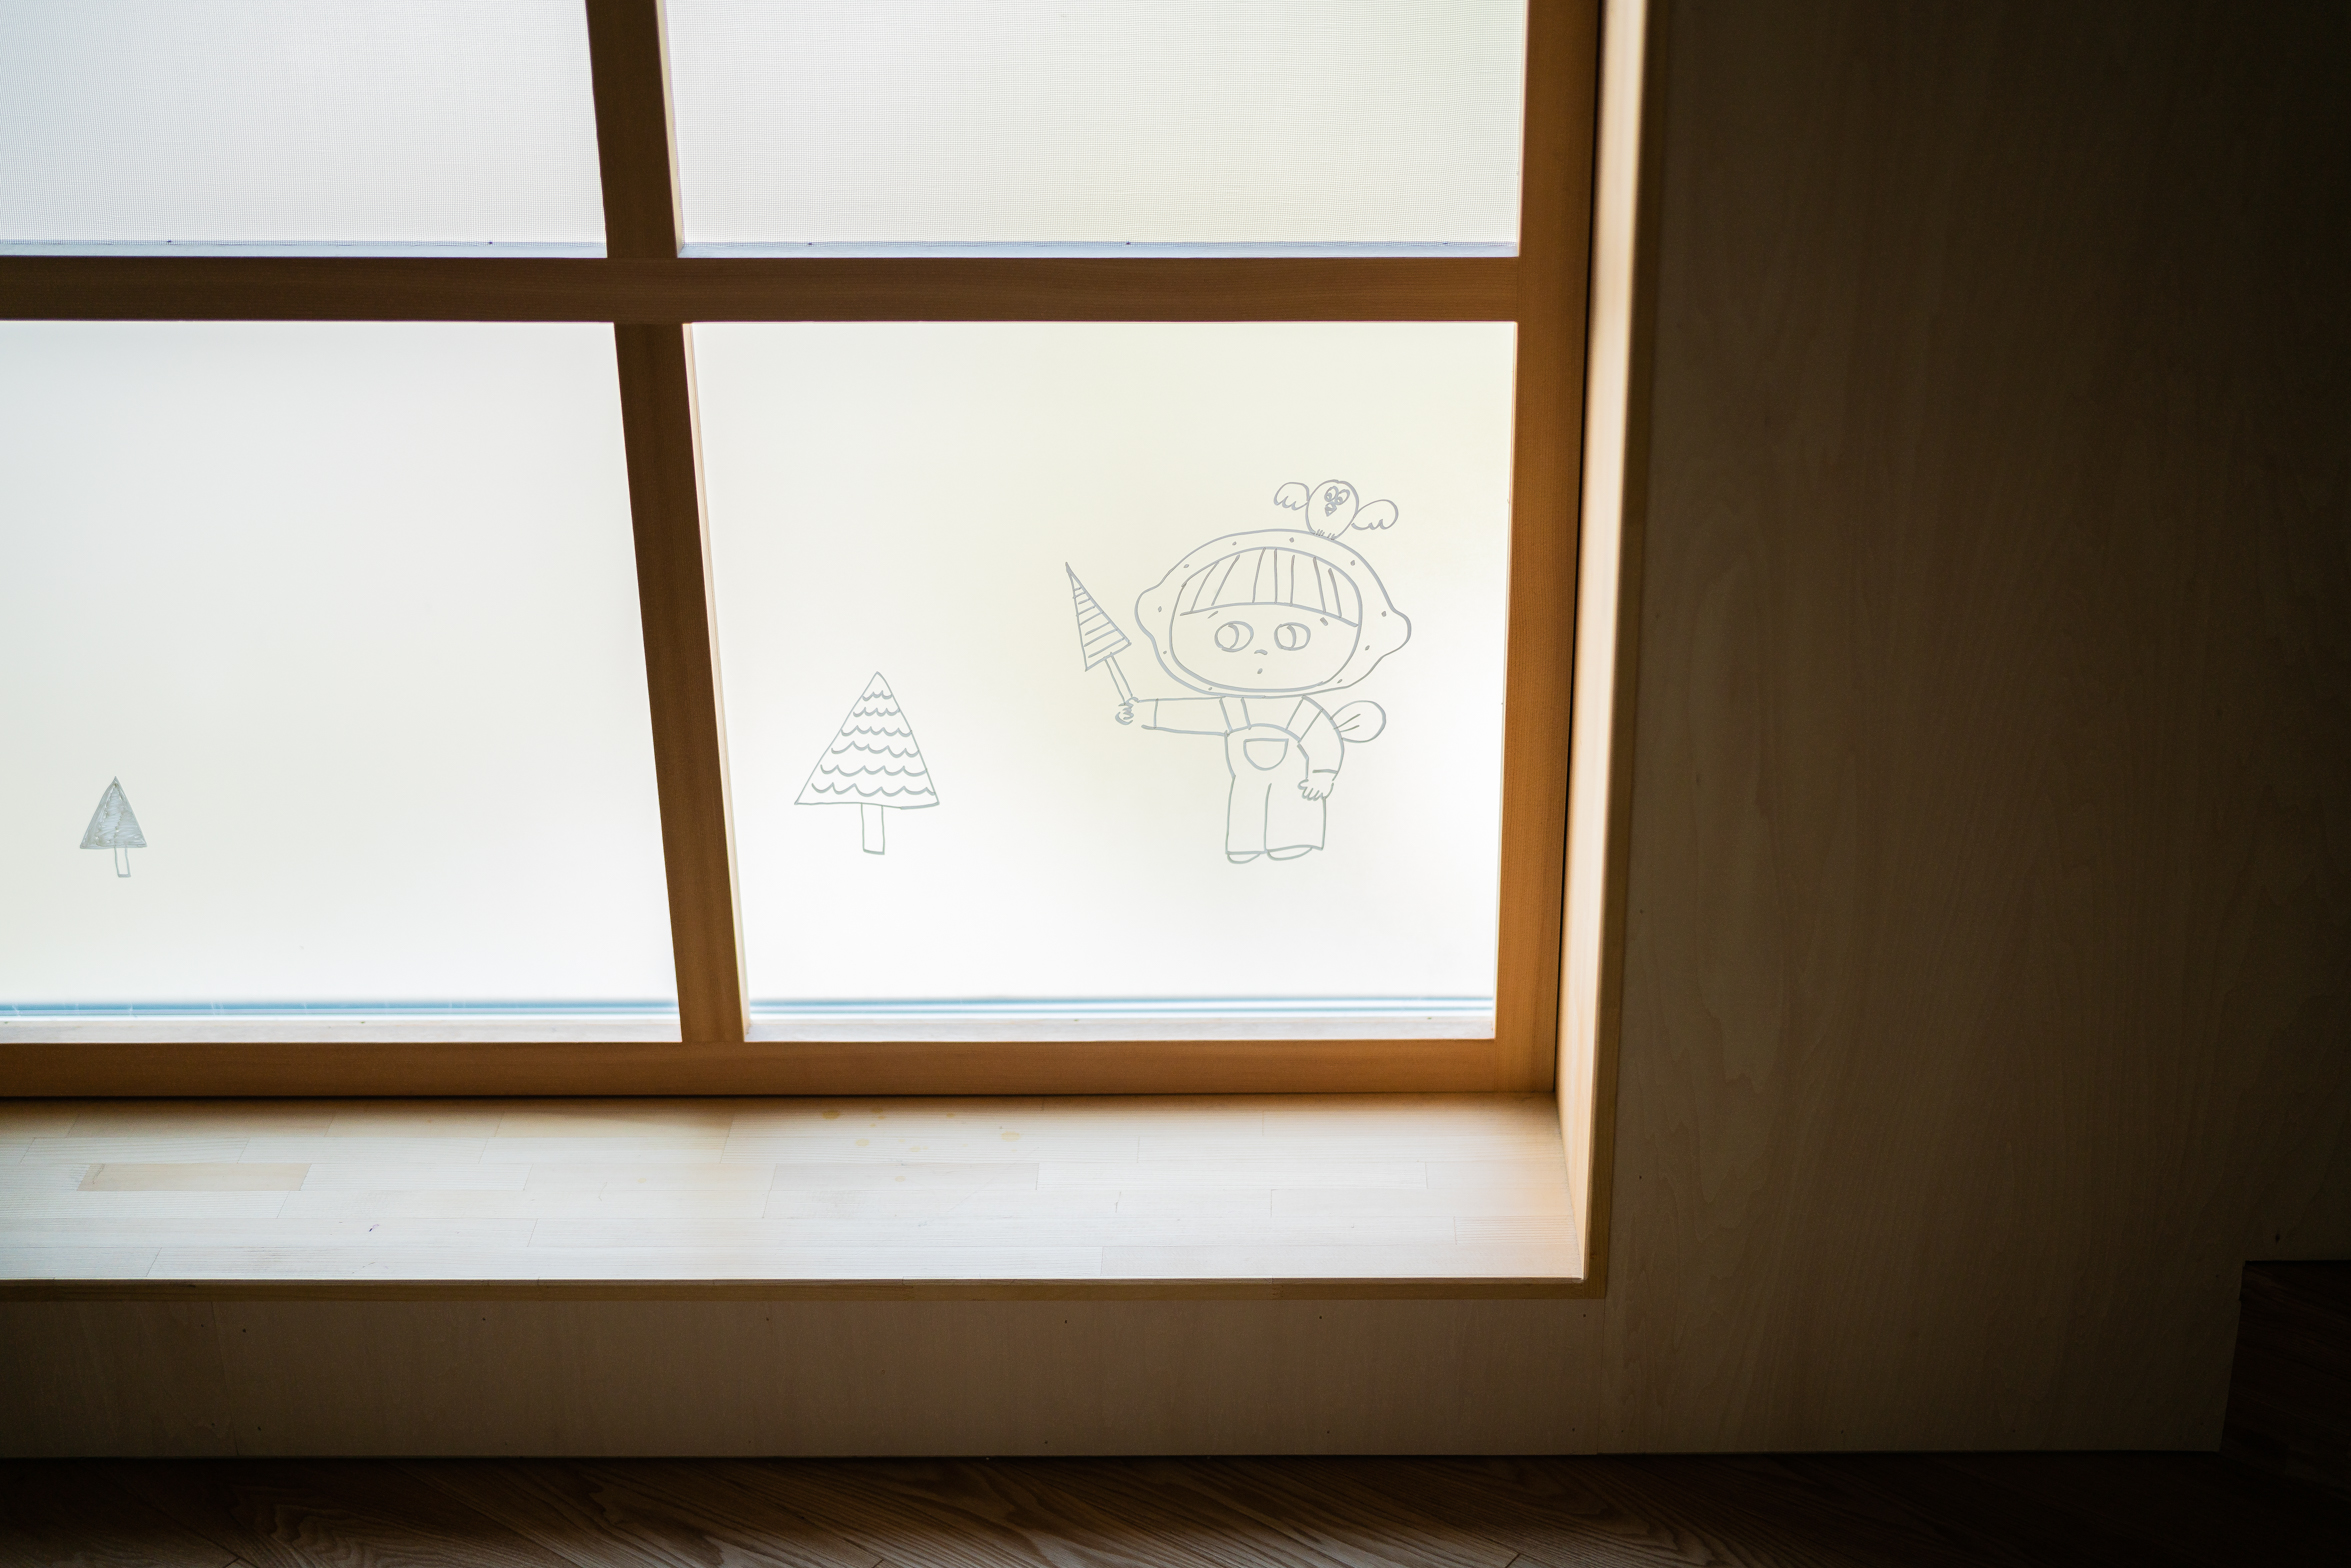 2019.08.03 レイモンド下高井戸保育園完成写真-0106.jpg